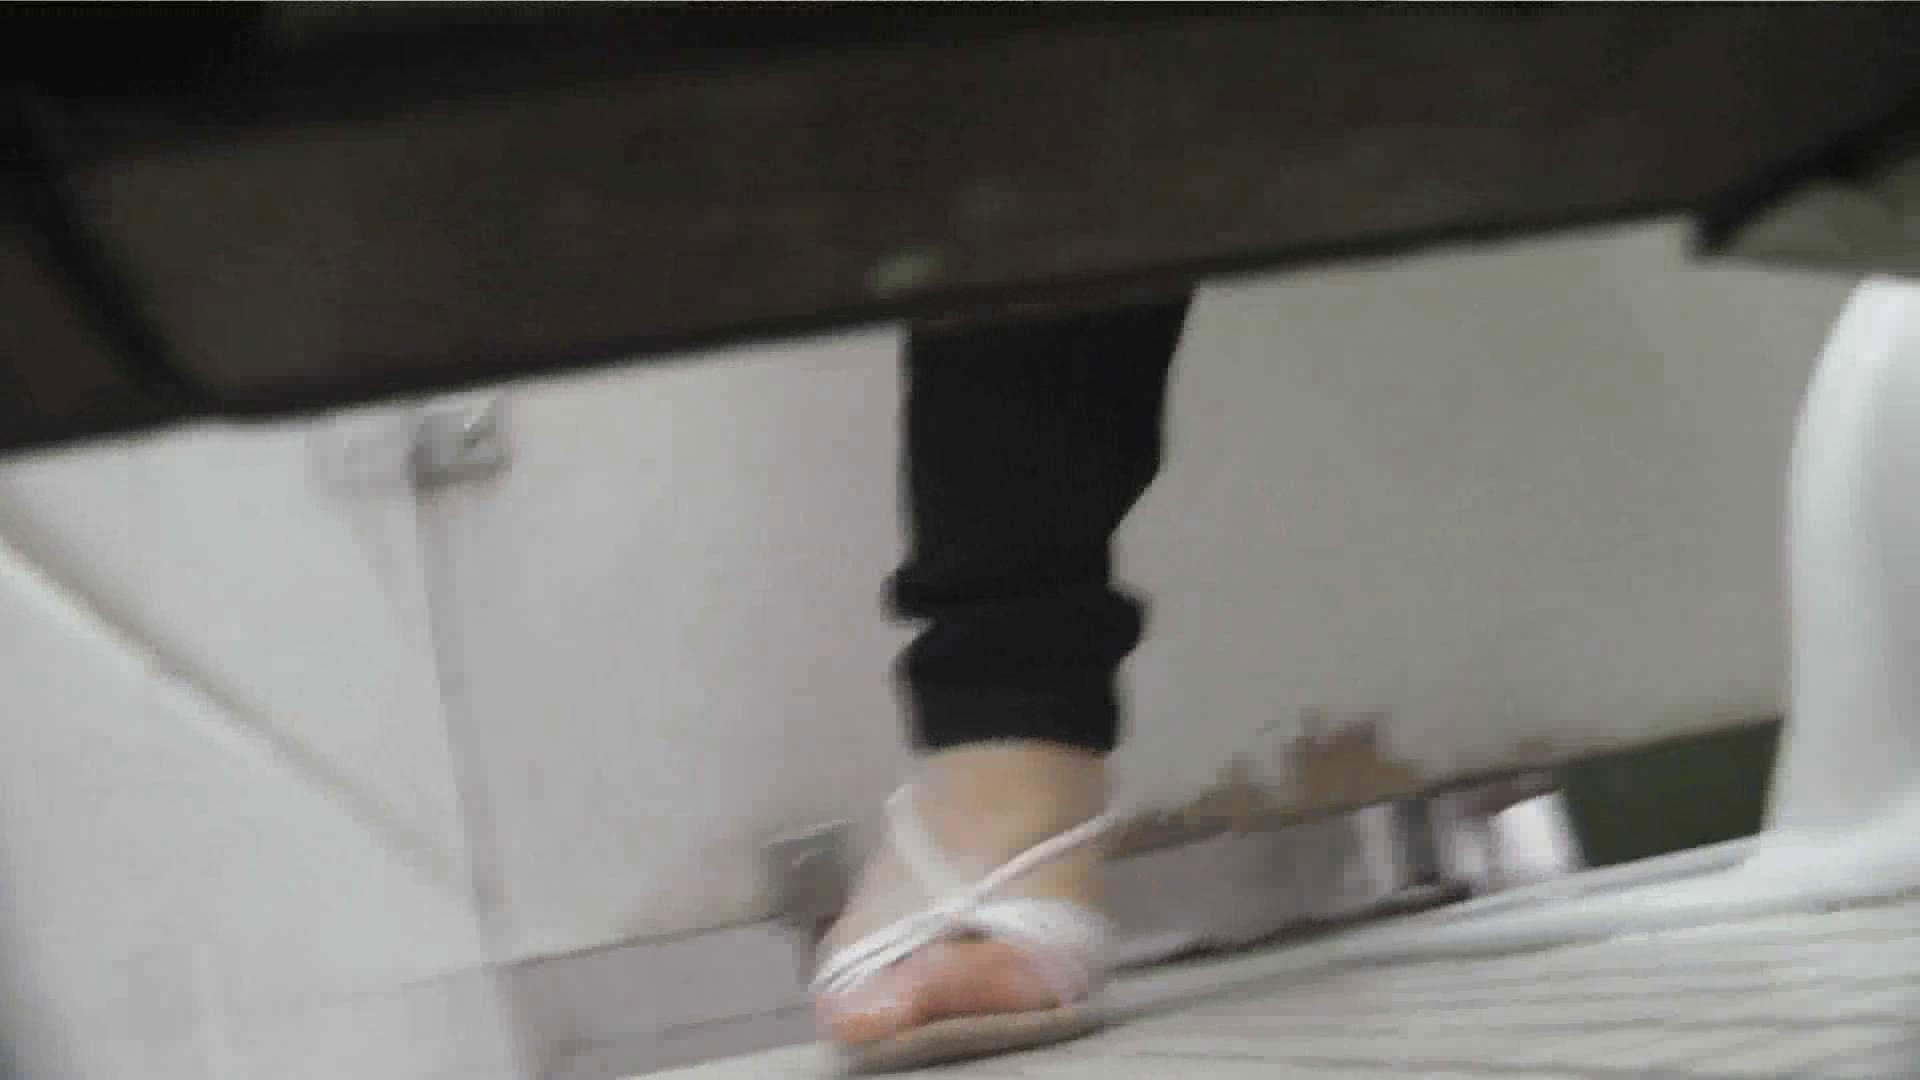 【美しき個室な世界】 vol.025 メガネ属性ヾ(´∀`)ノ 洗面所 | 高評価  84画像 67